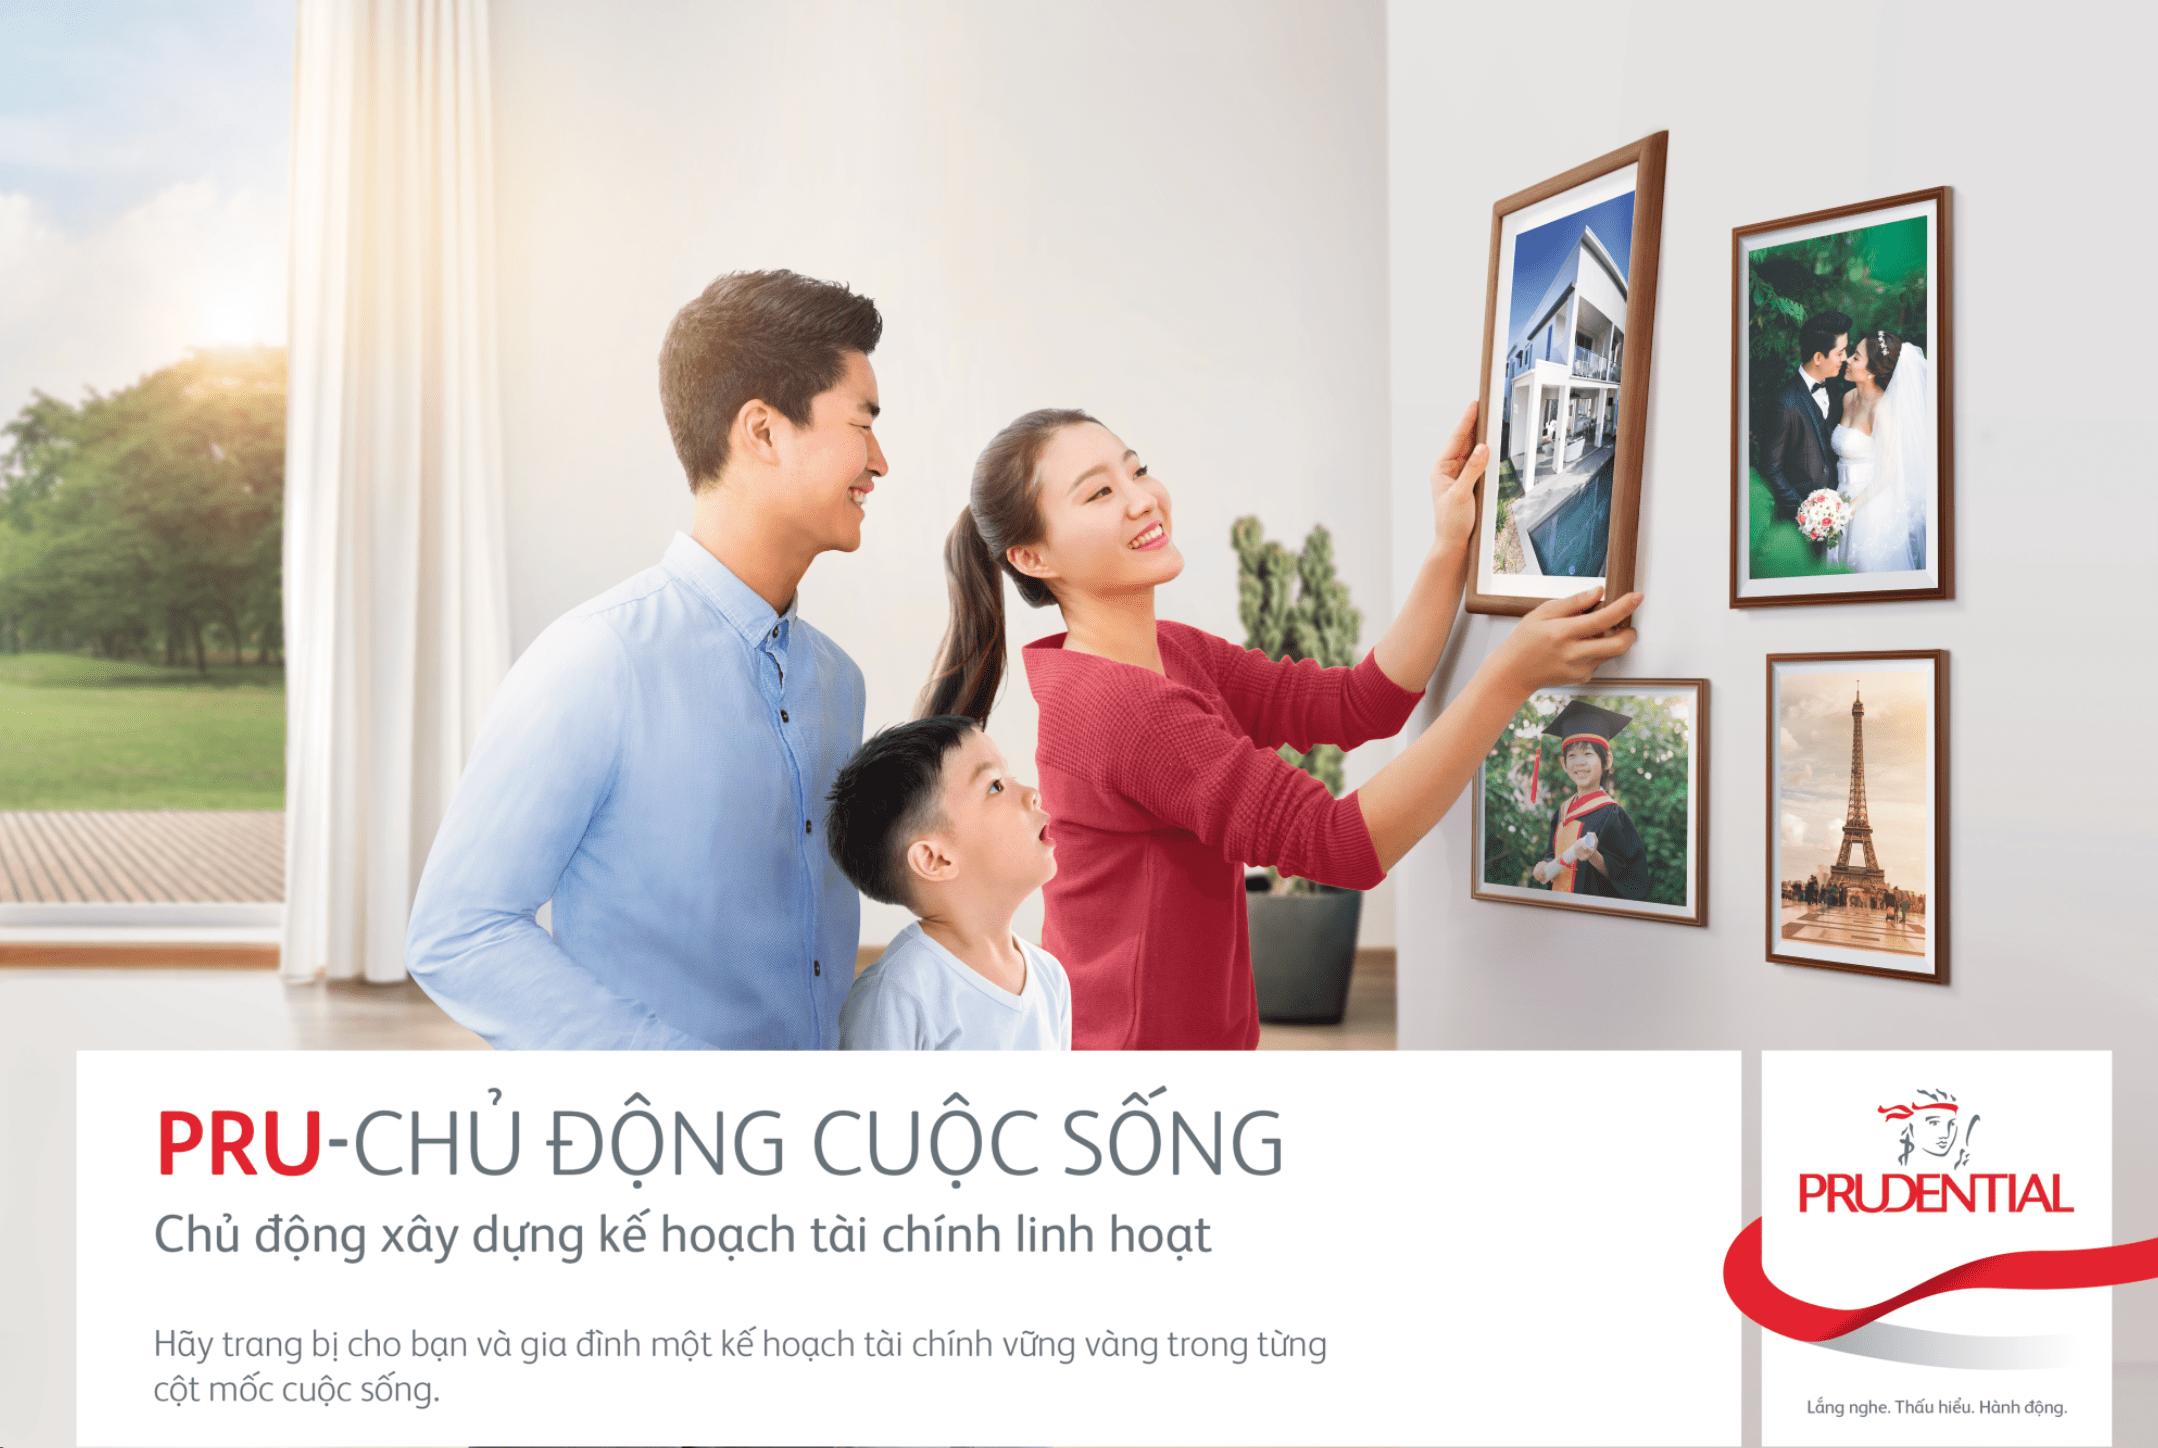 Prudential Việt Nam ra mắt hai sản phẩm bảo hiểm liên kết chung